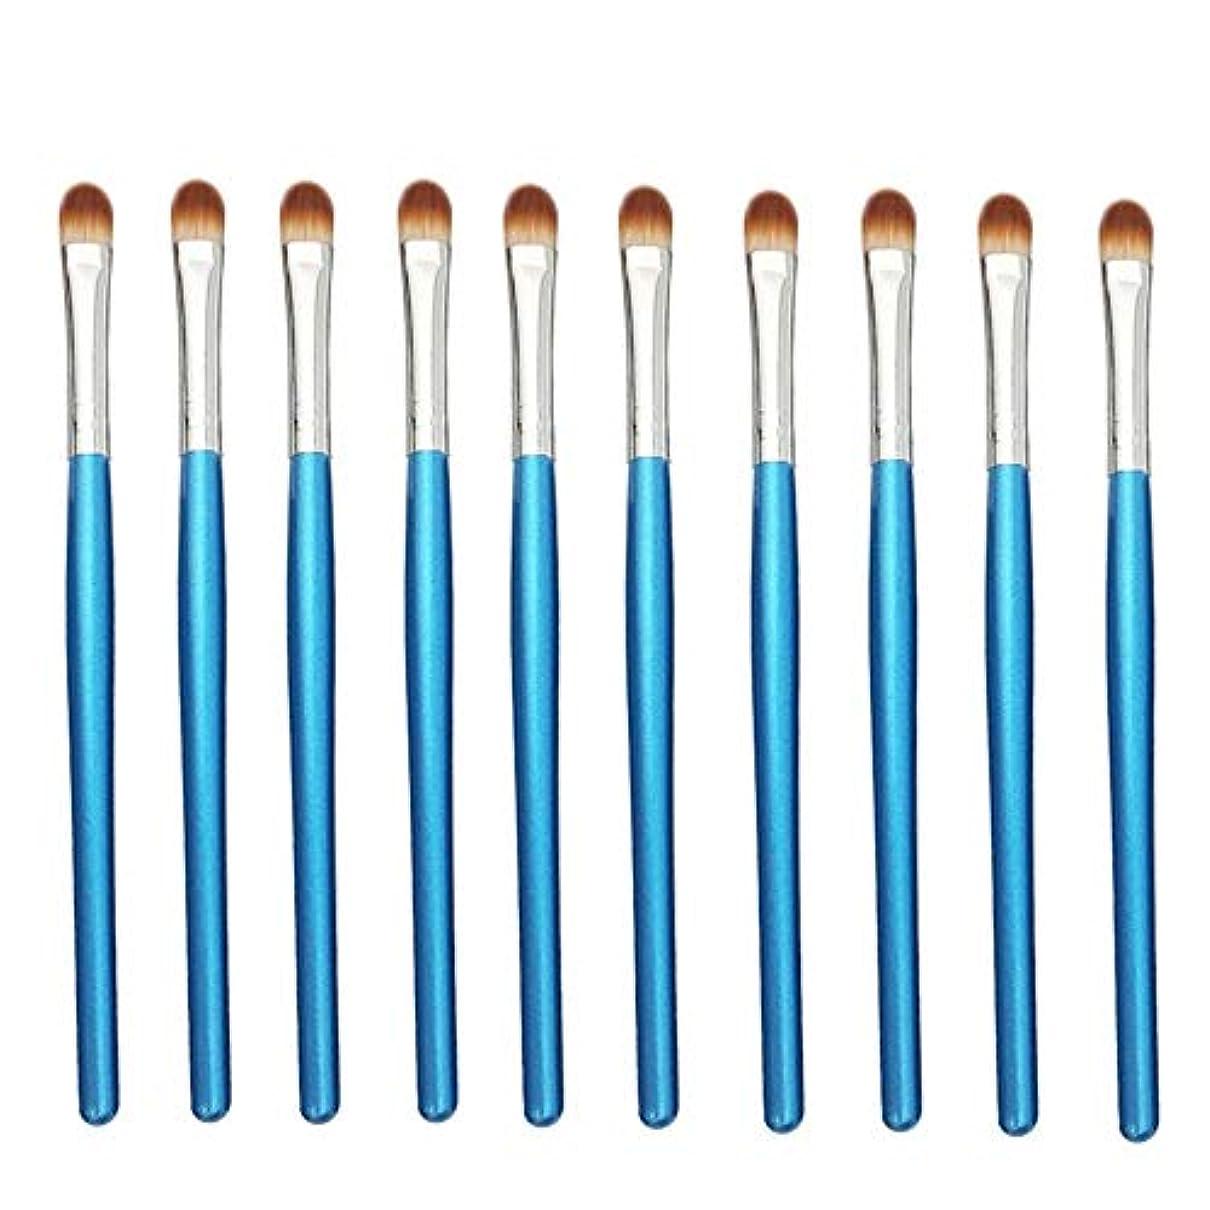 前売文献コミットMakeup brushes 青、初心者および専門家に適したアイシャドウブラシアイメイクブラシ10スティックアイメイクブラシ suits (Color : Blue Silver)